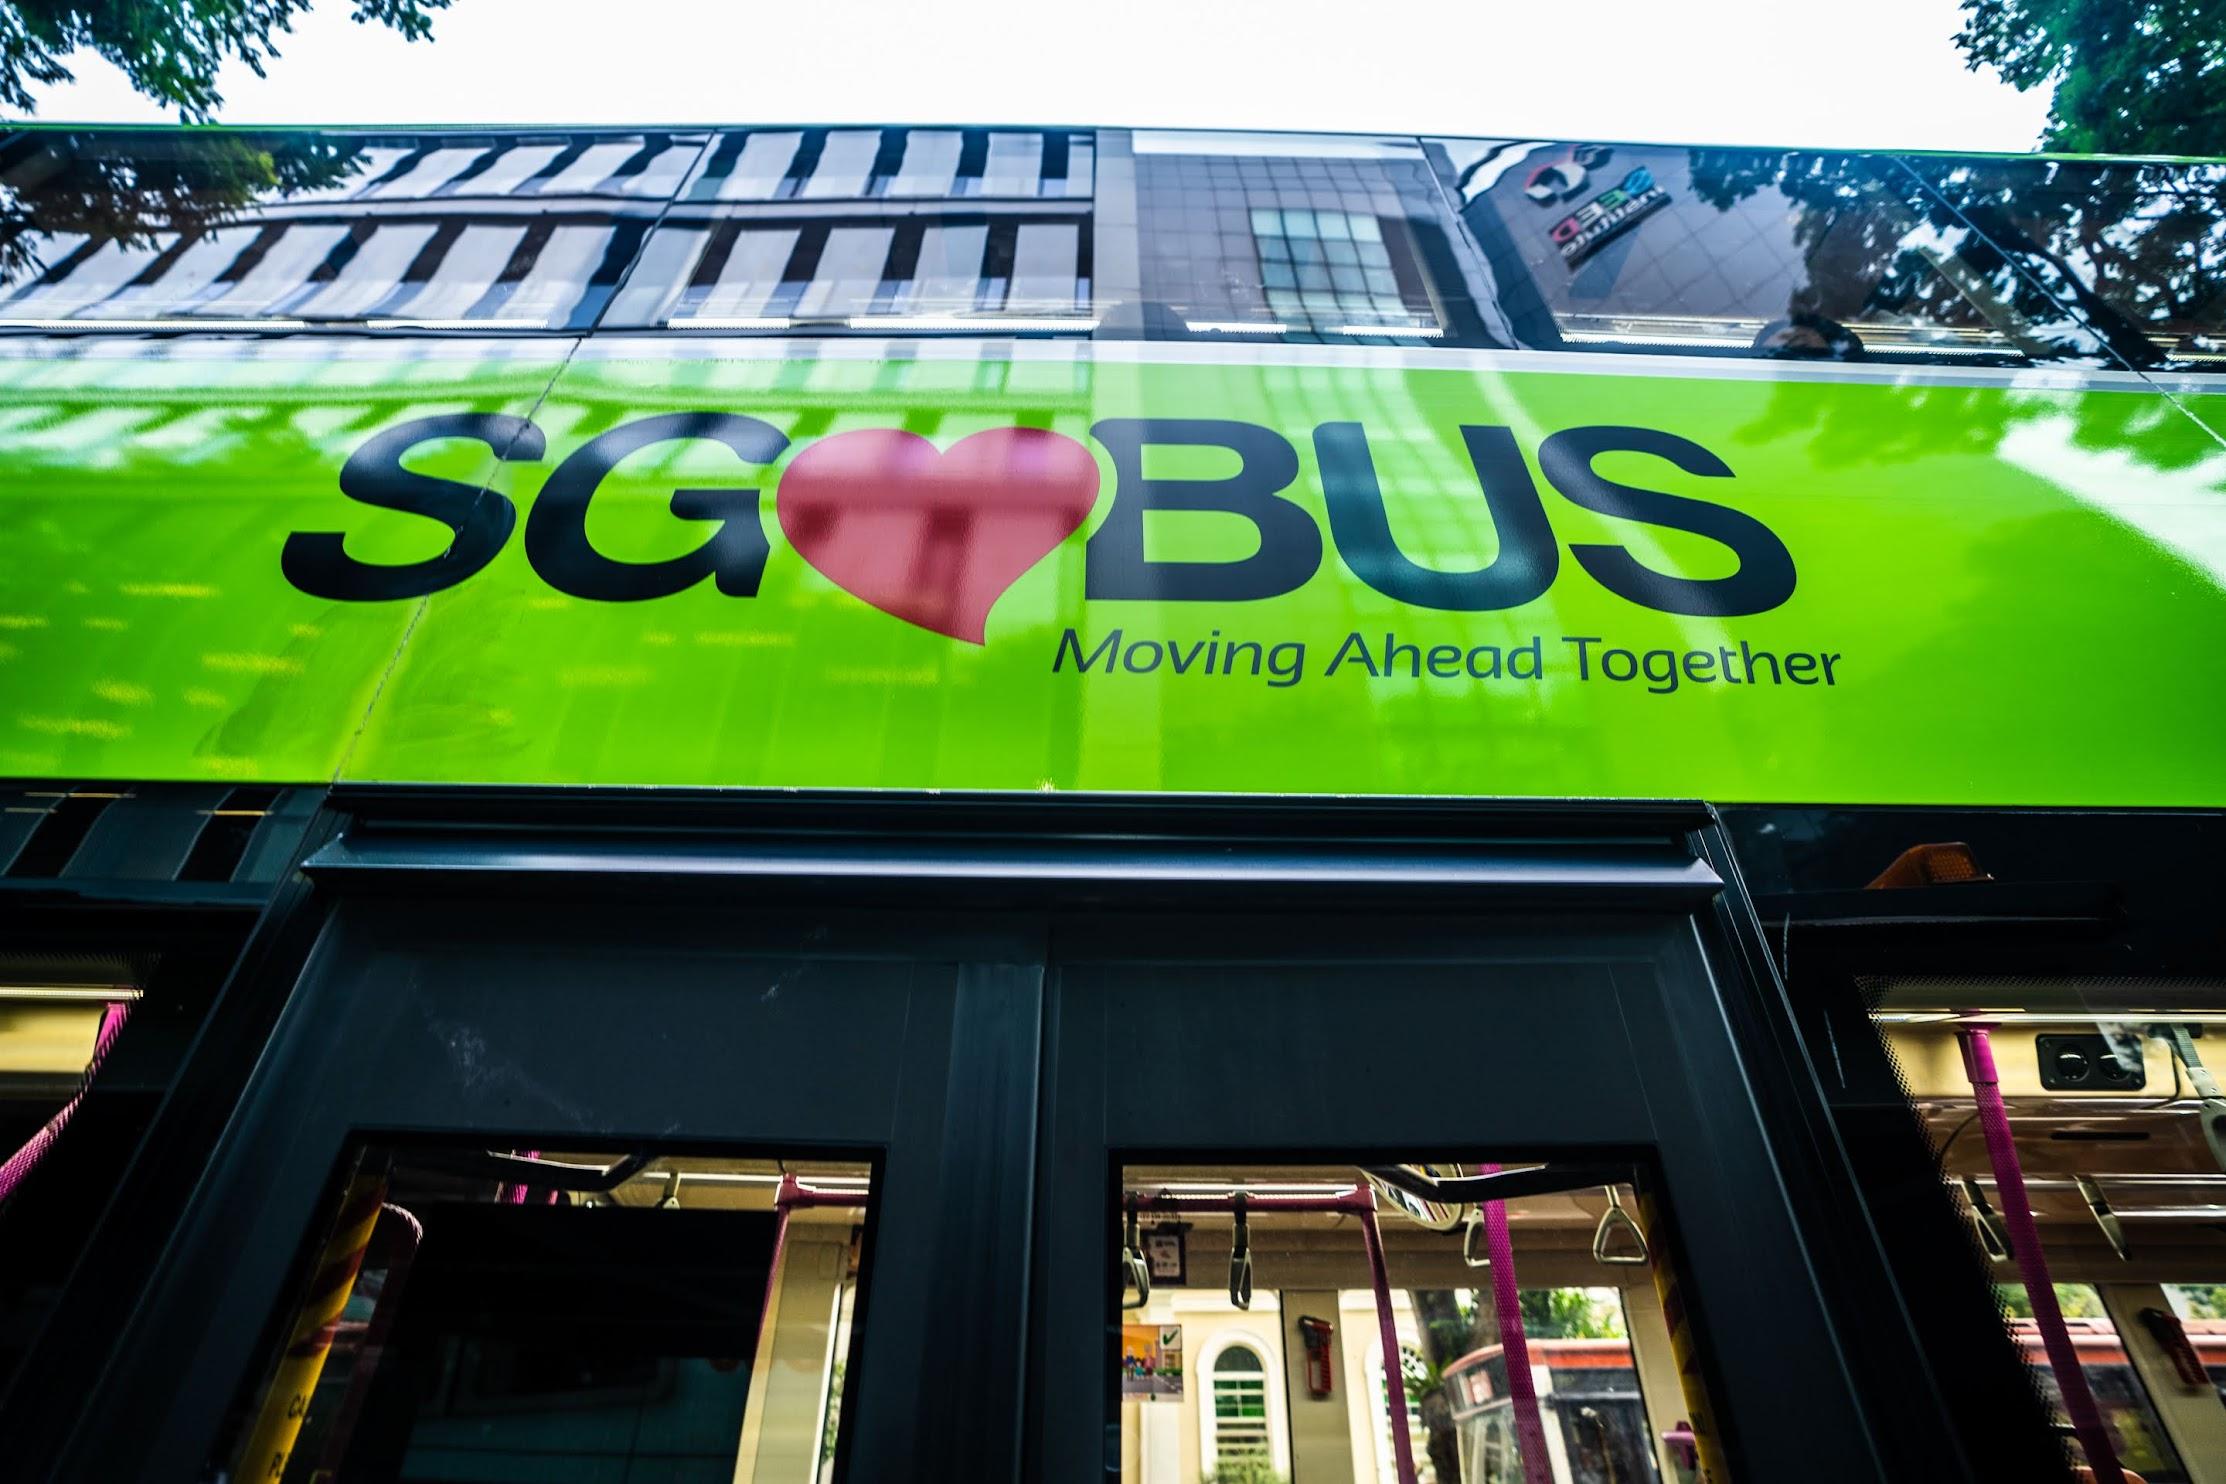 Singapore Bus1